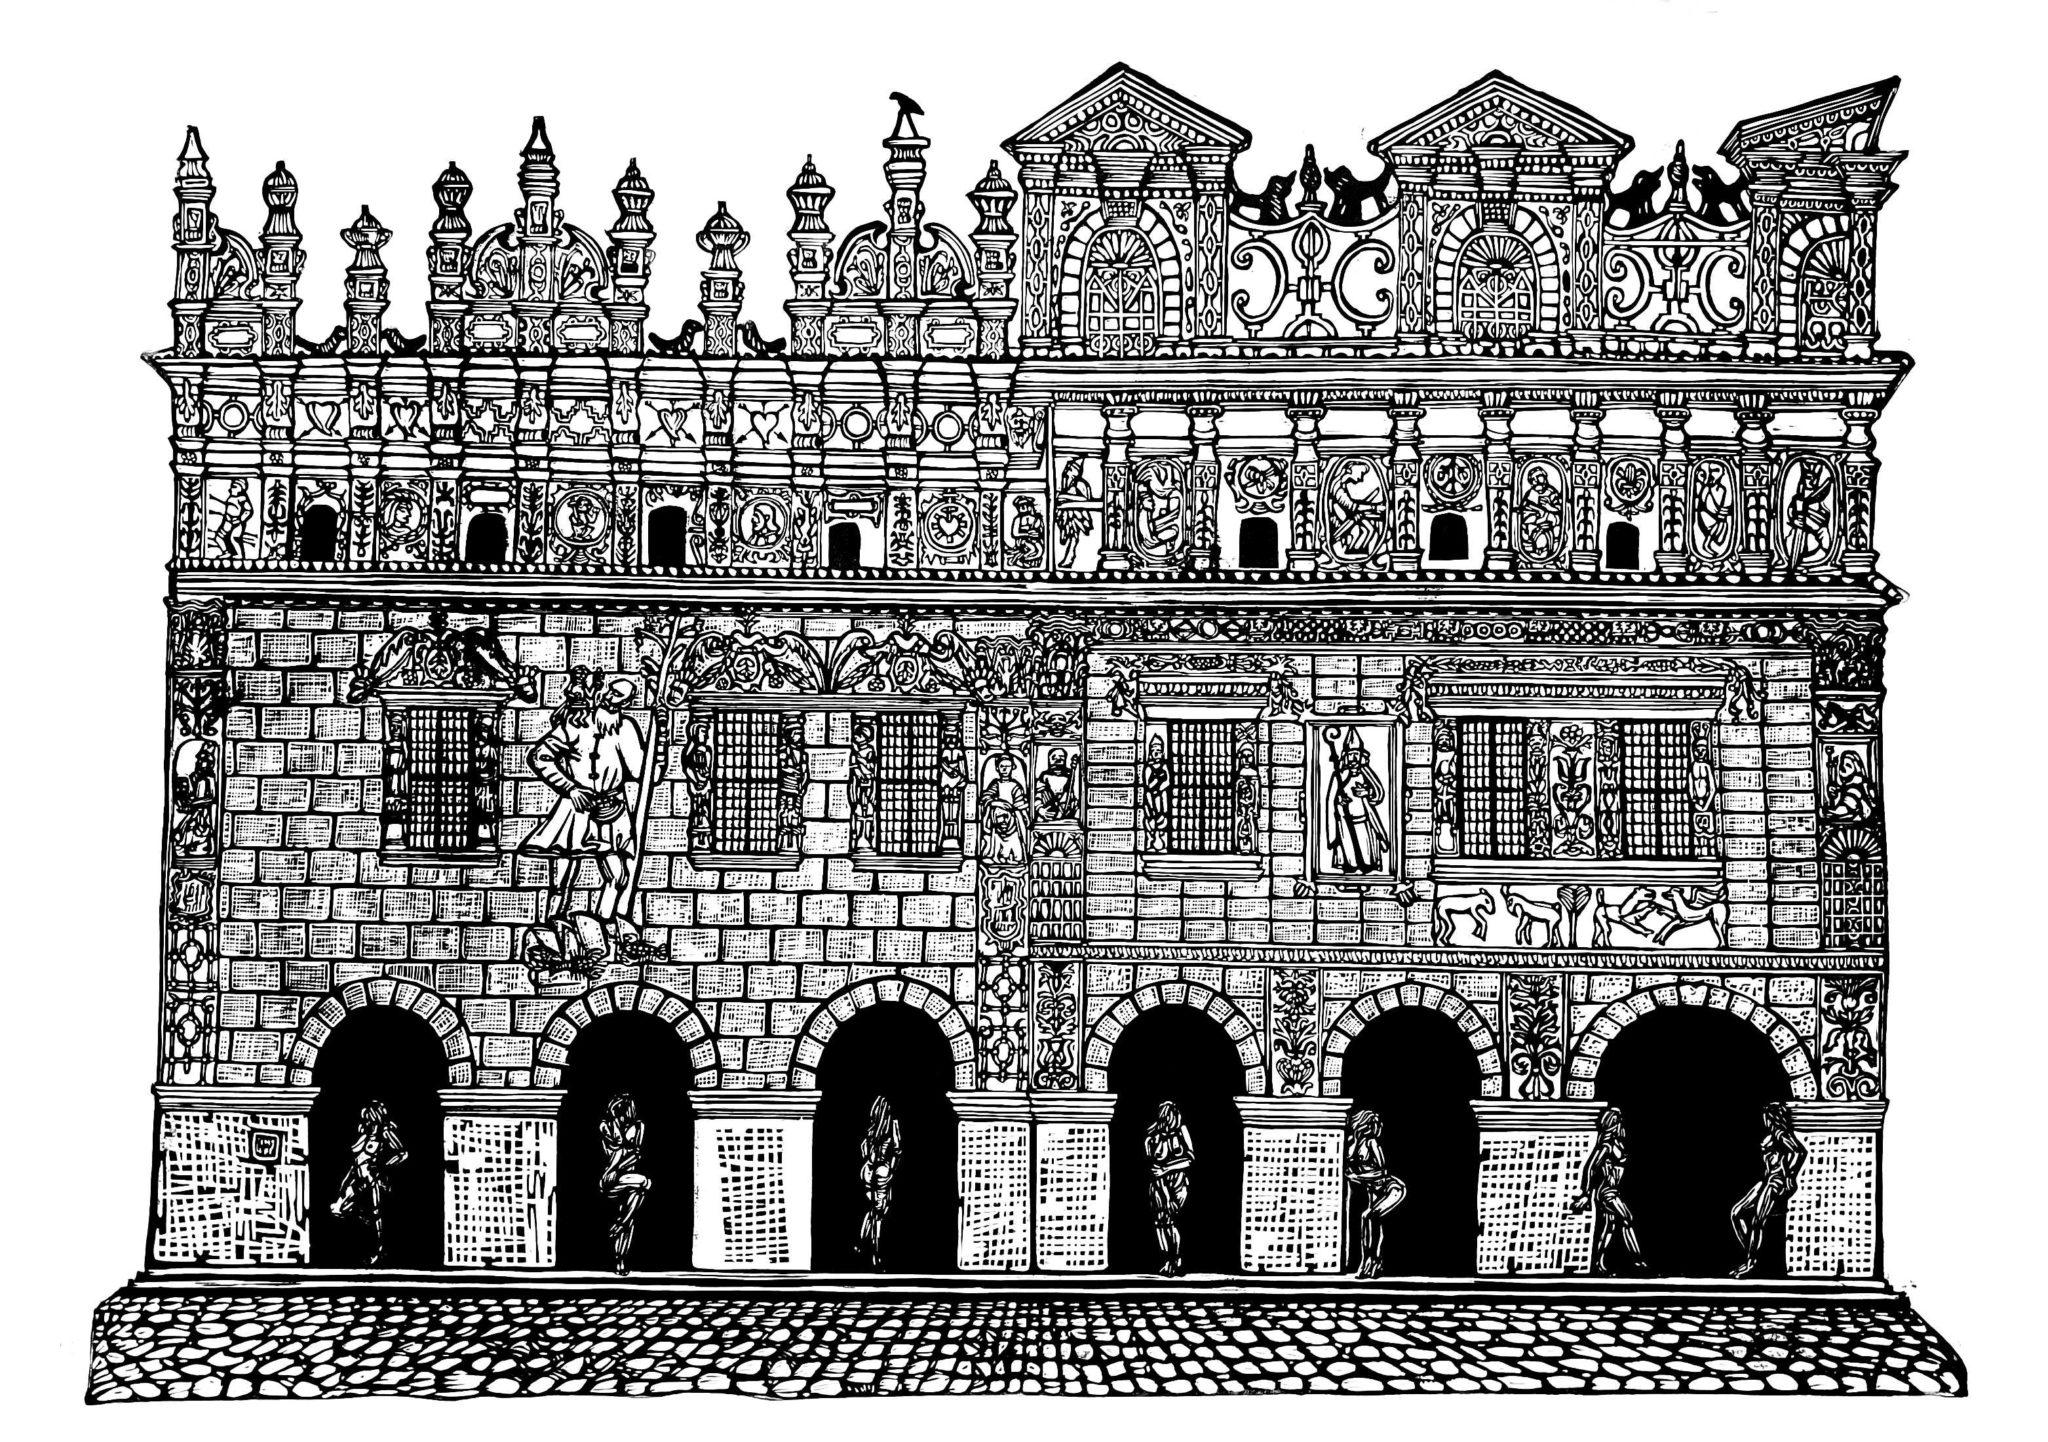 Linoryt Gracje w Kazimierzu Dolnym nad Wisłą o wymiarach 100x70 cm